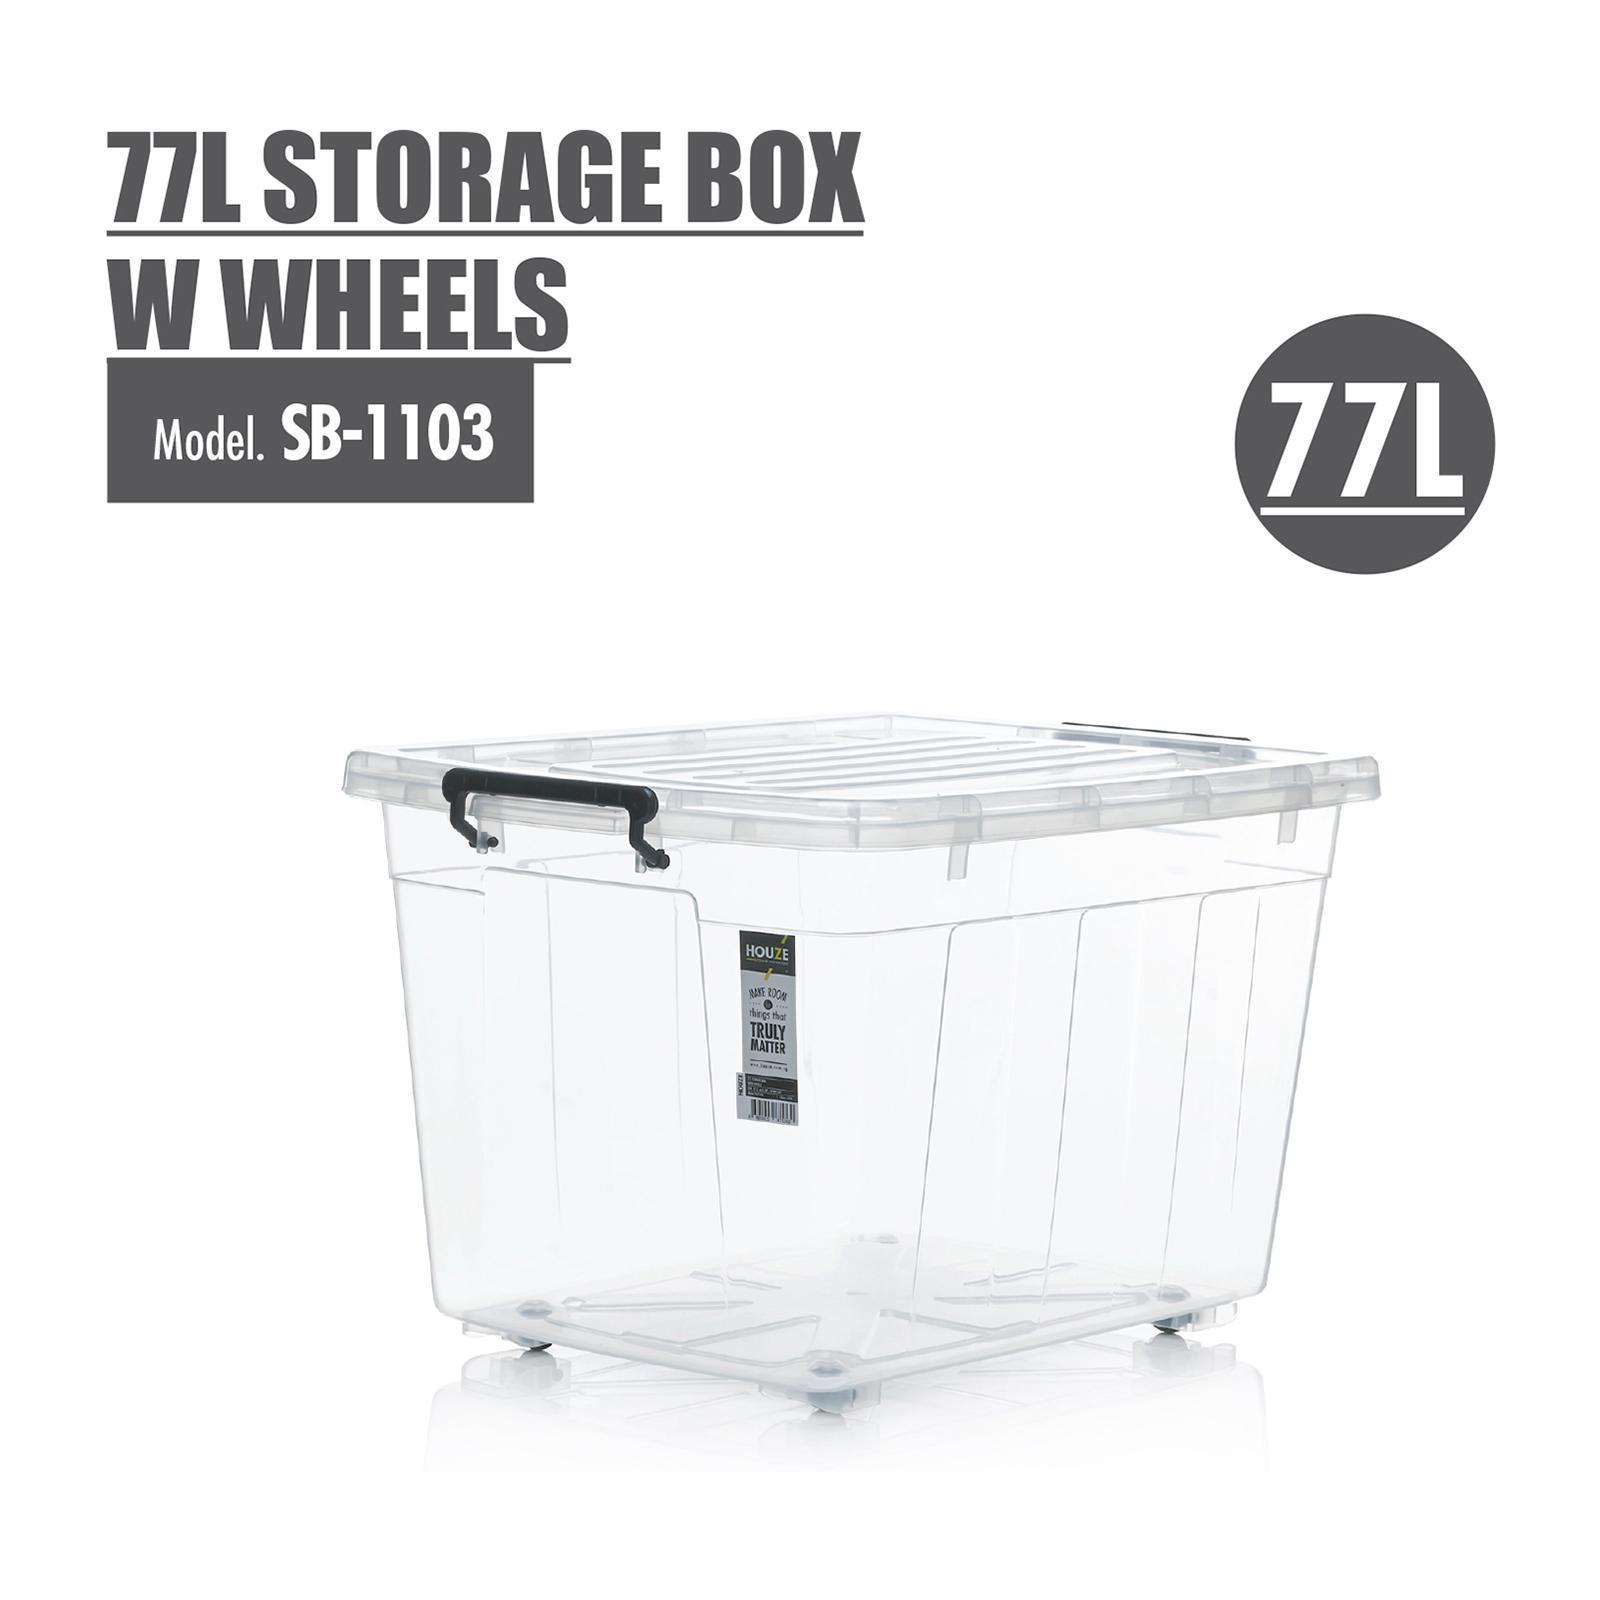 Houze 77L Storage Box With Wheels - SB-1103-CLEAR